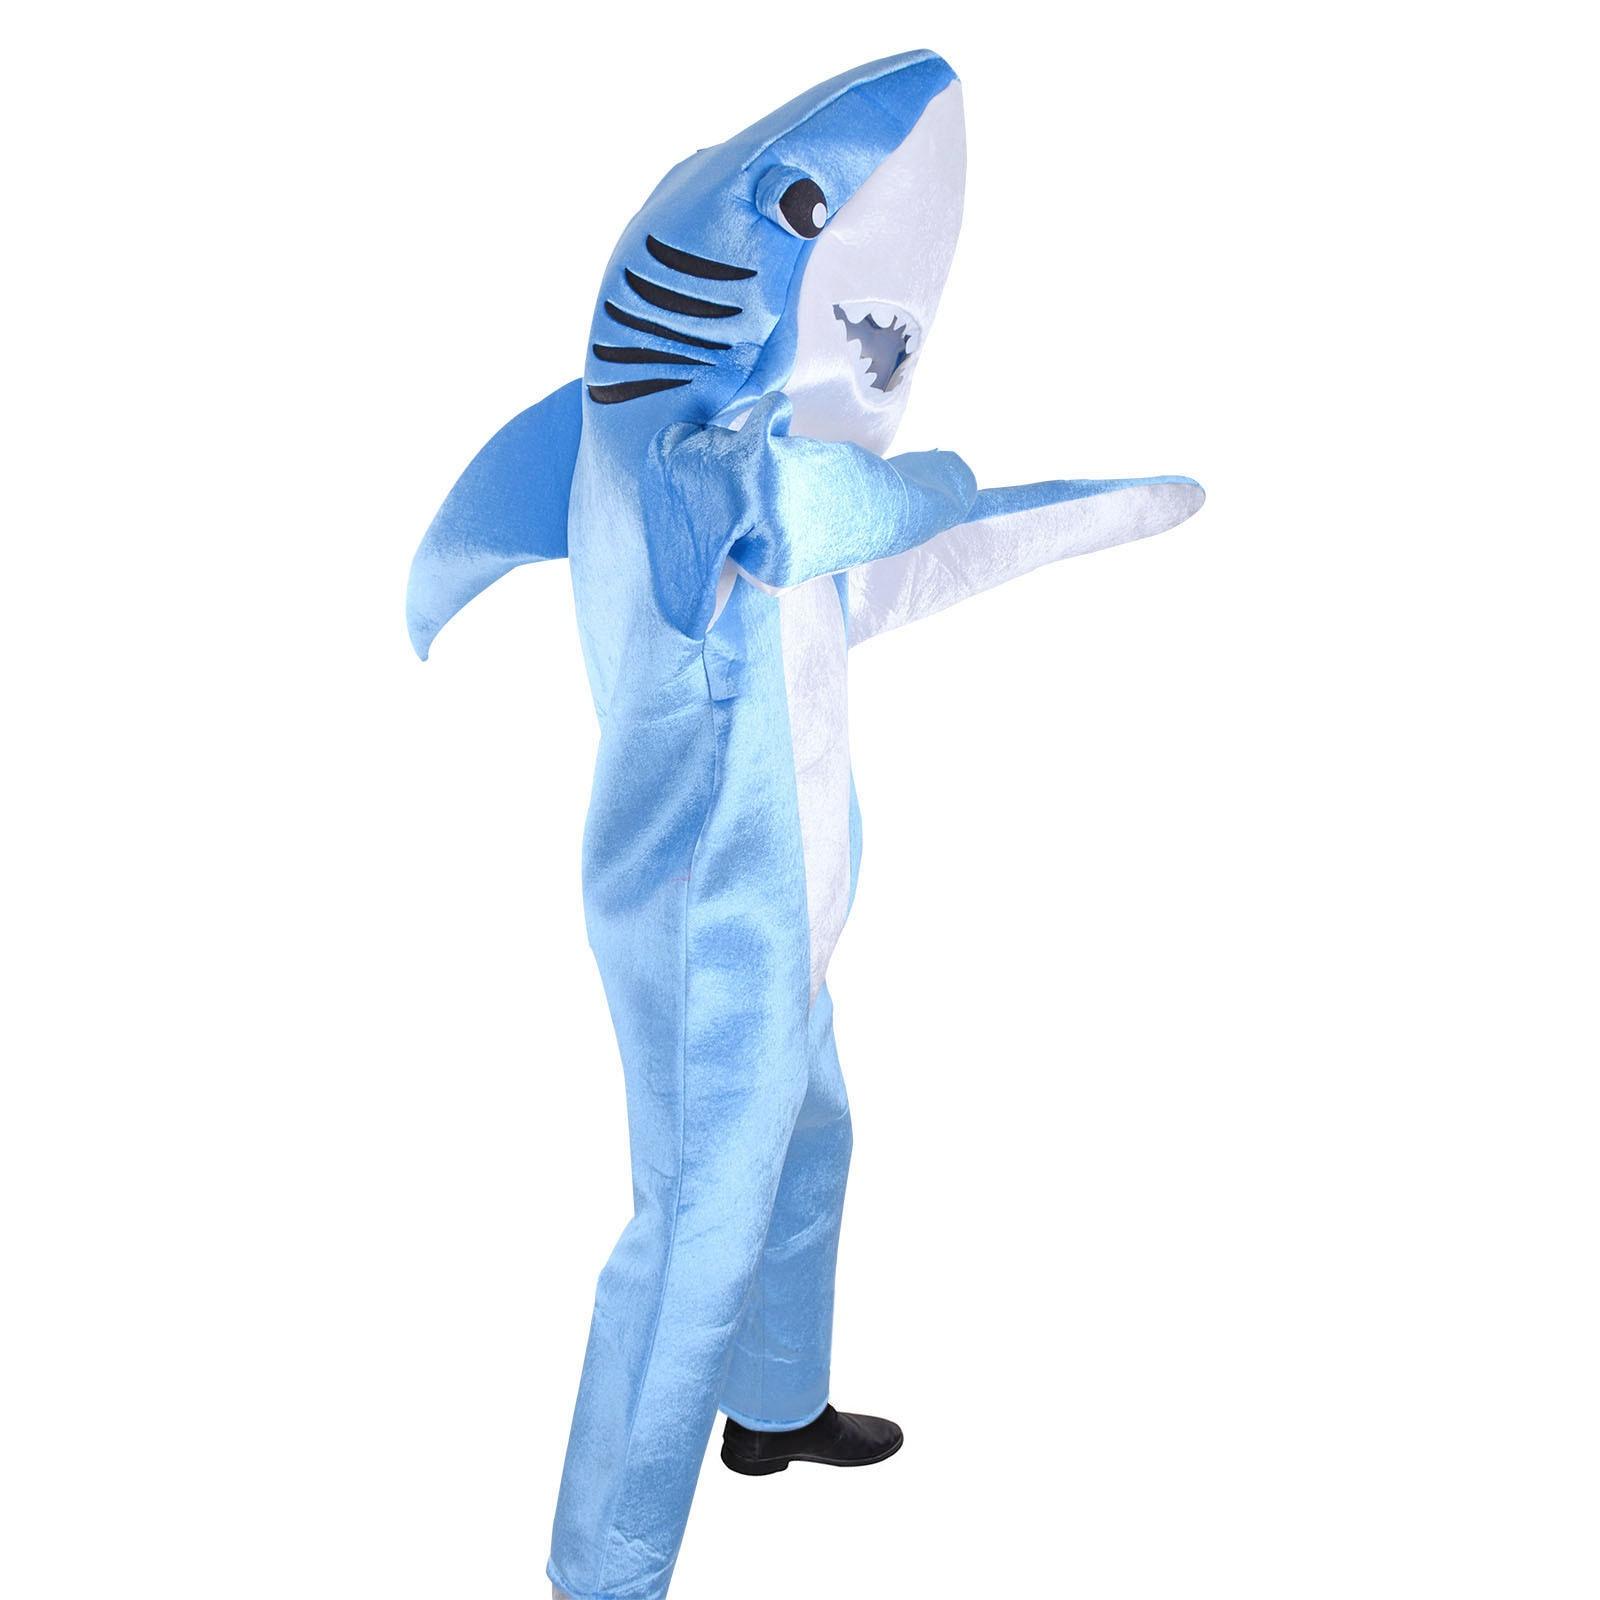 Costume requin bleu mascotte Animal de mer adulte drôle requin combinaison Costume de fête Halloween carnaval déguisements cadeau d'anniversaire